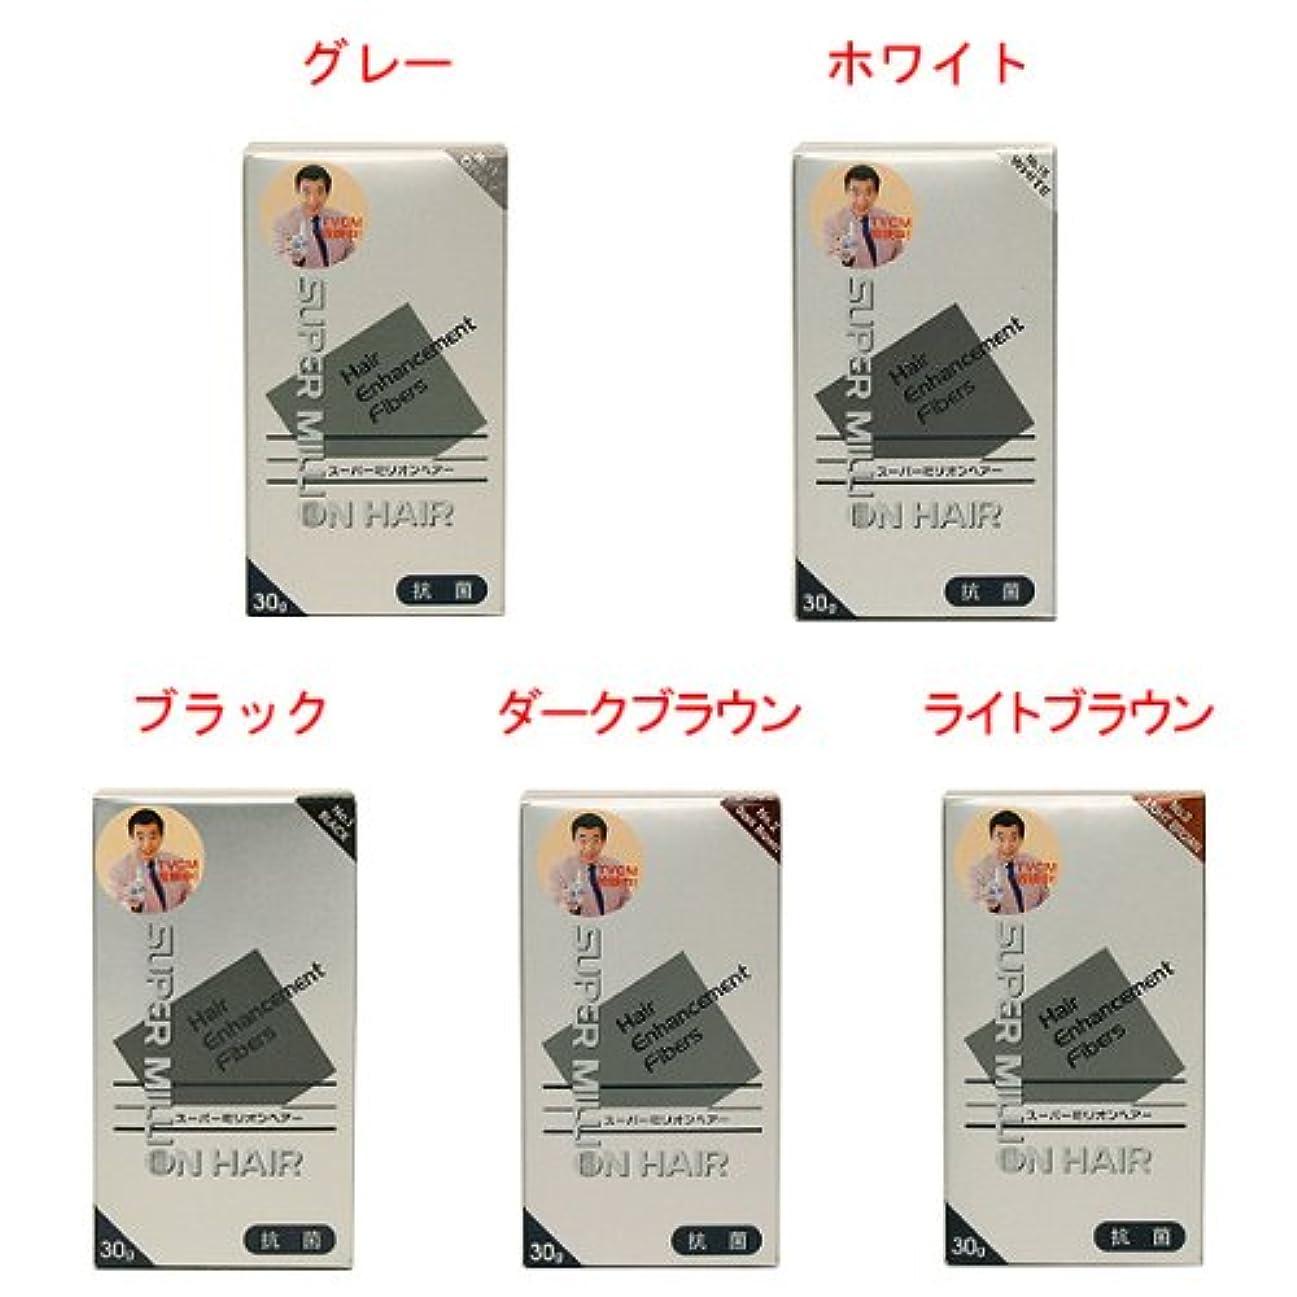 ジェスチャー文献ピッチャー【ルアン】スーパーミリオンヘアー No.15 ホワイト 30g